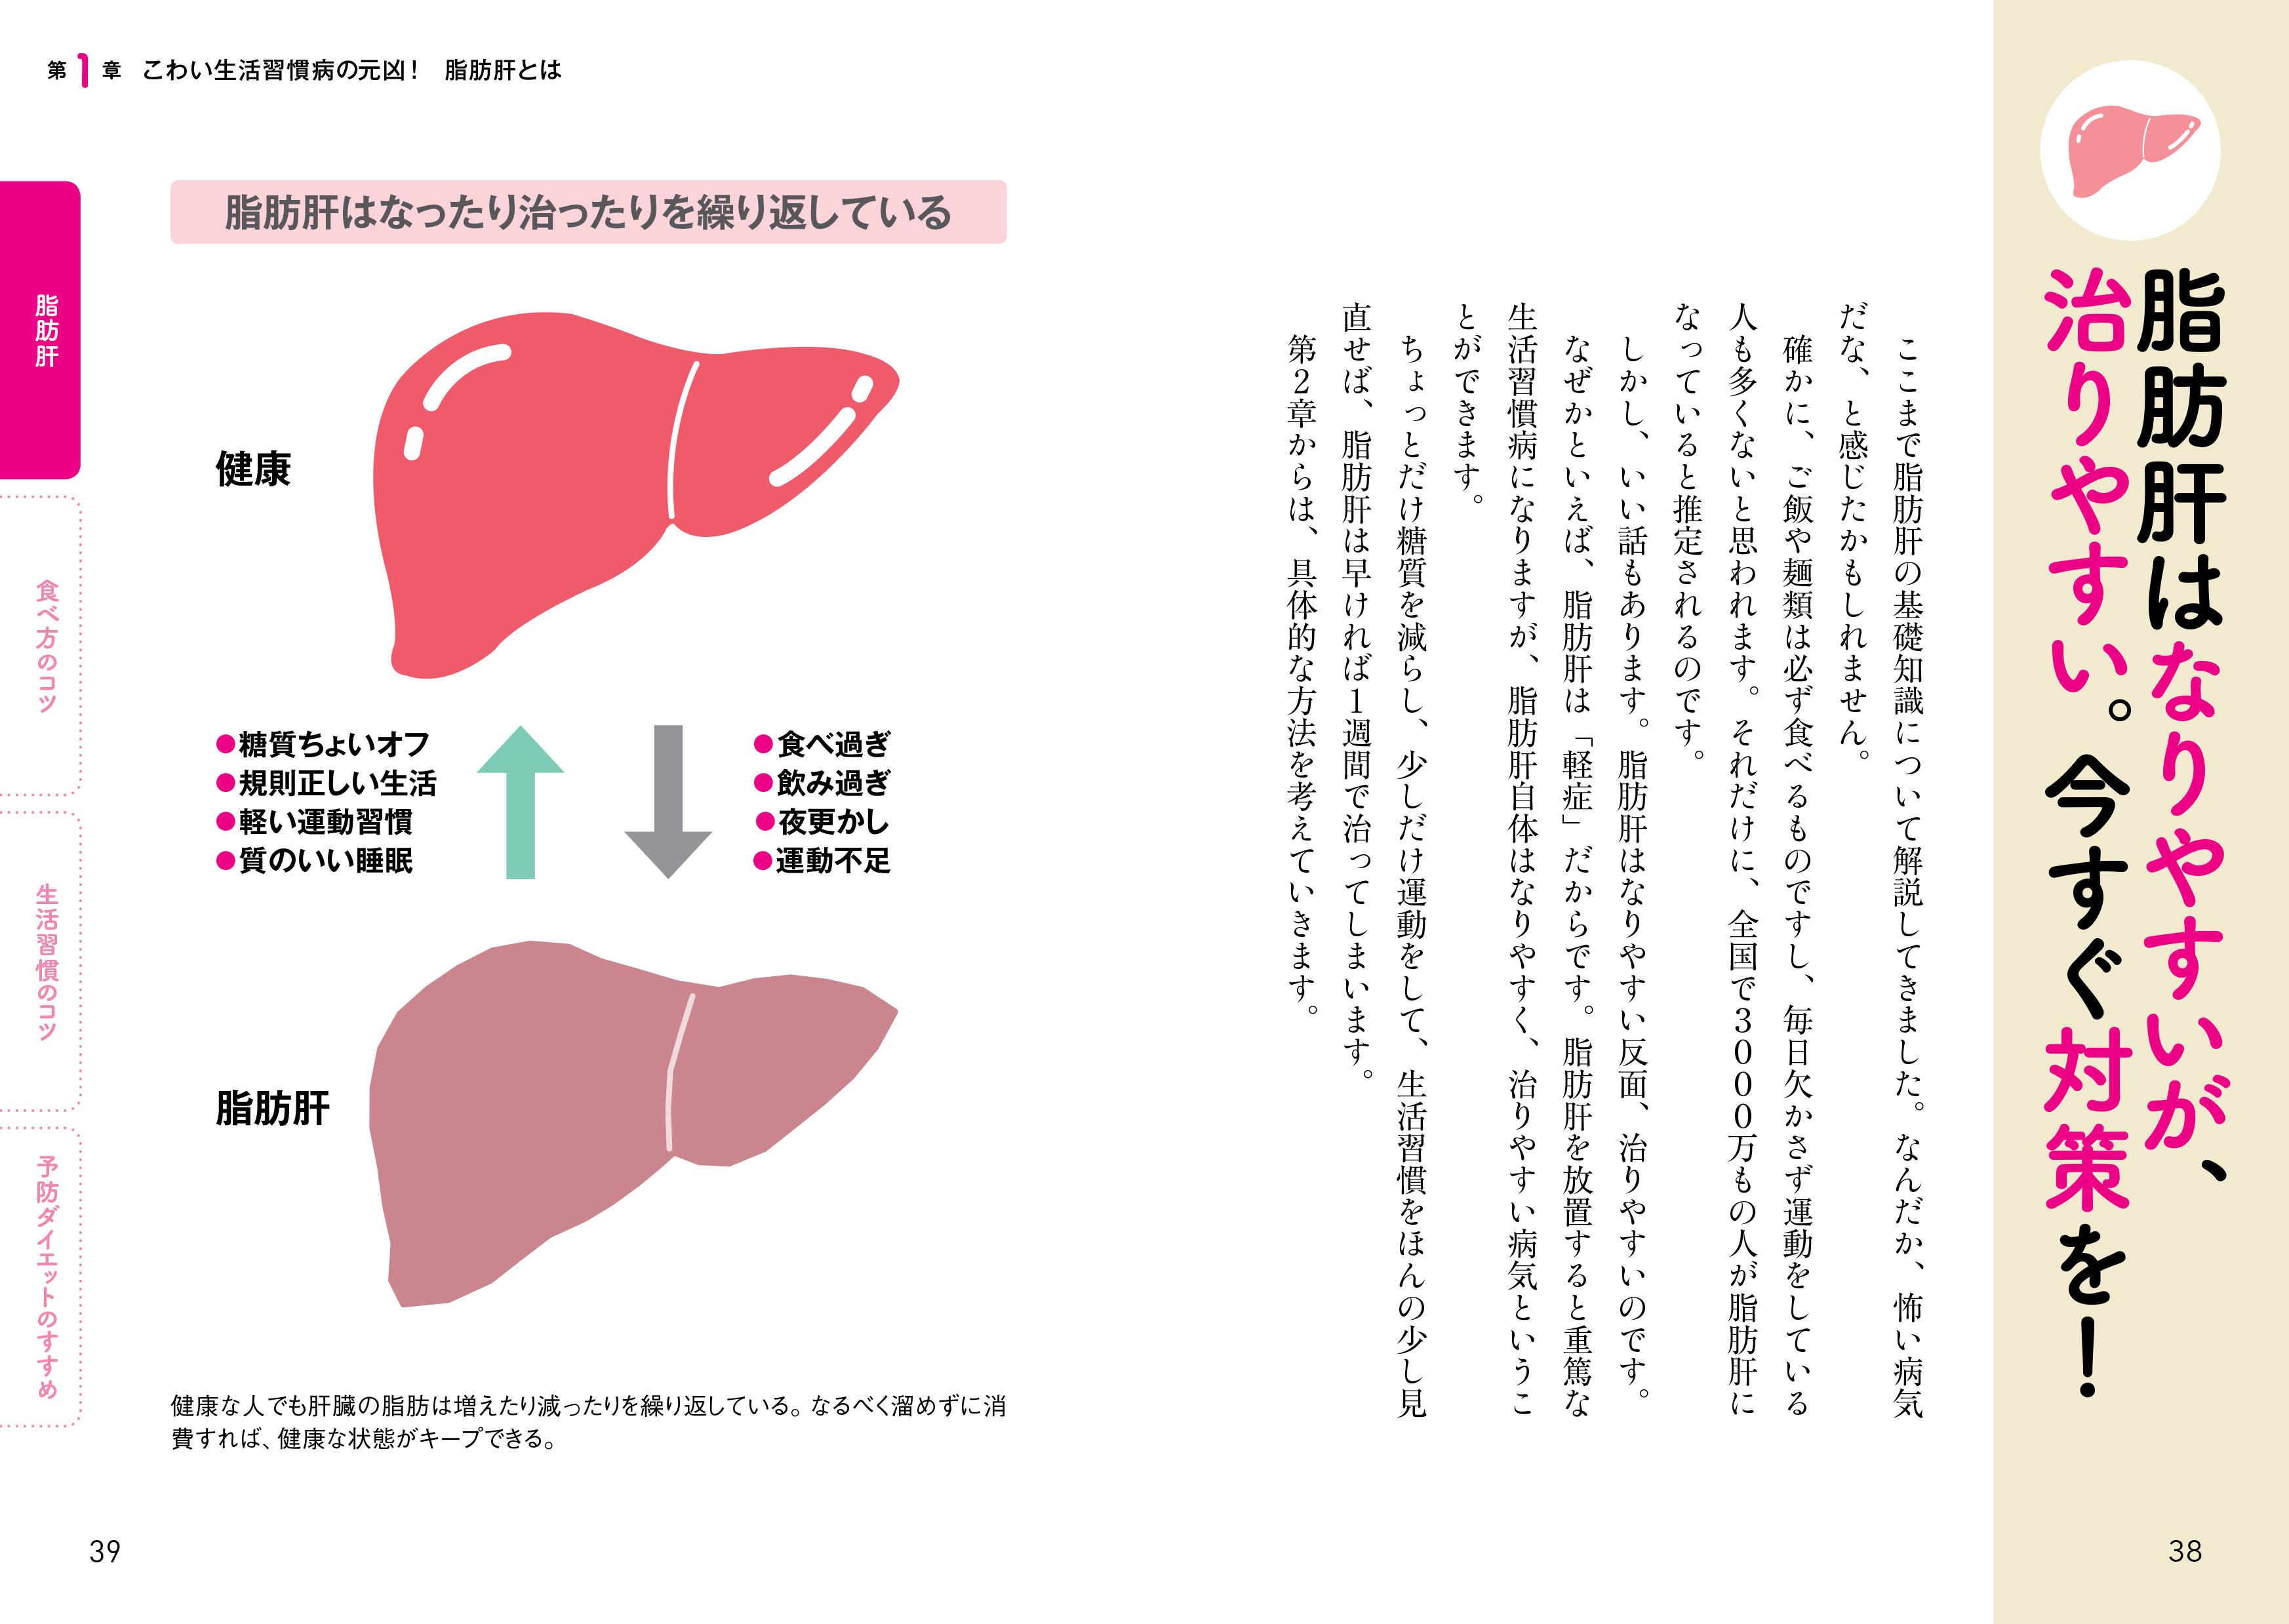 肝 は 脂肪 と 【食べてはいけない 】脂肪肝に悪い食べ物と肝臓にいい食べ物・飲み物